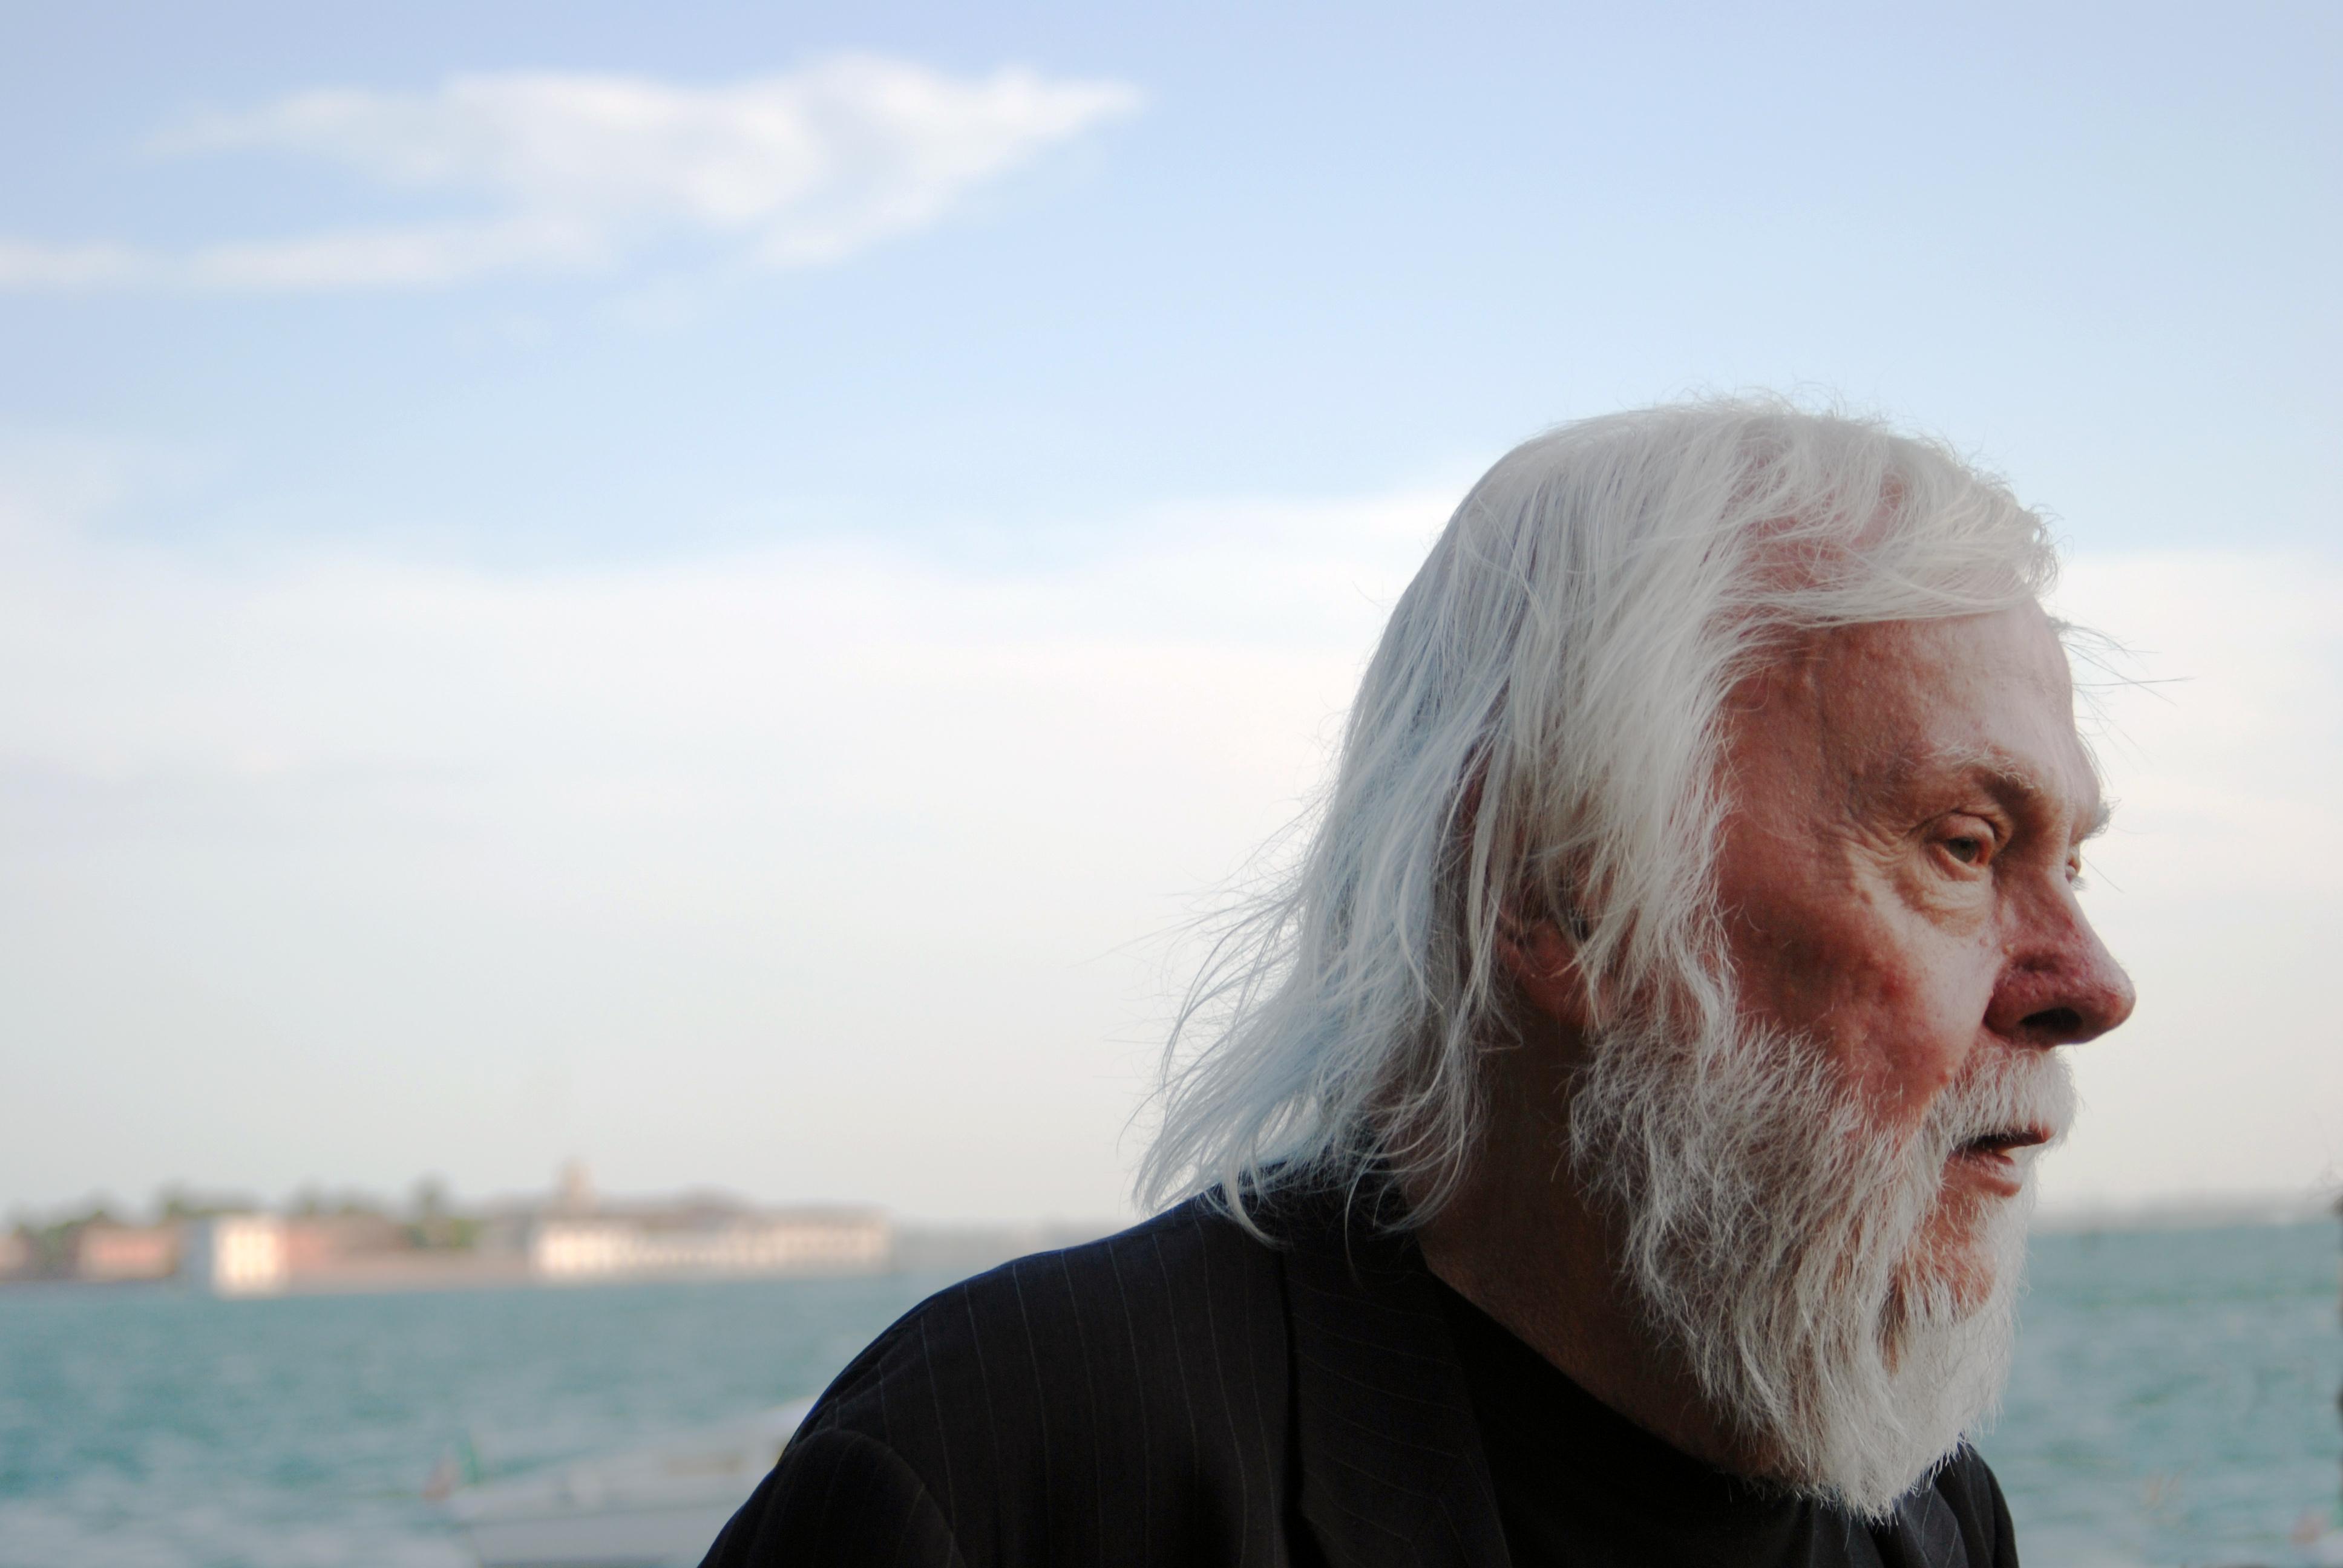 Image of John Baldessari from Wikidata